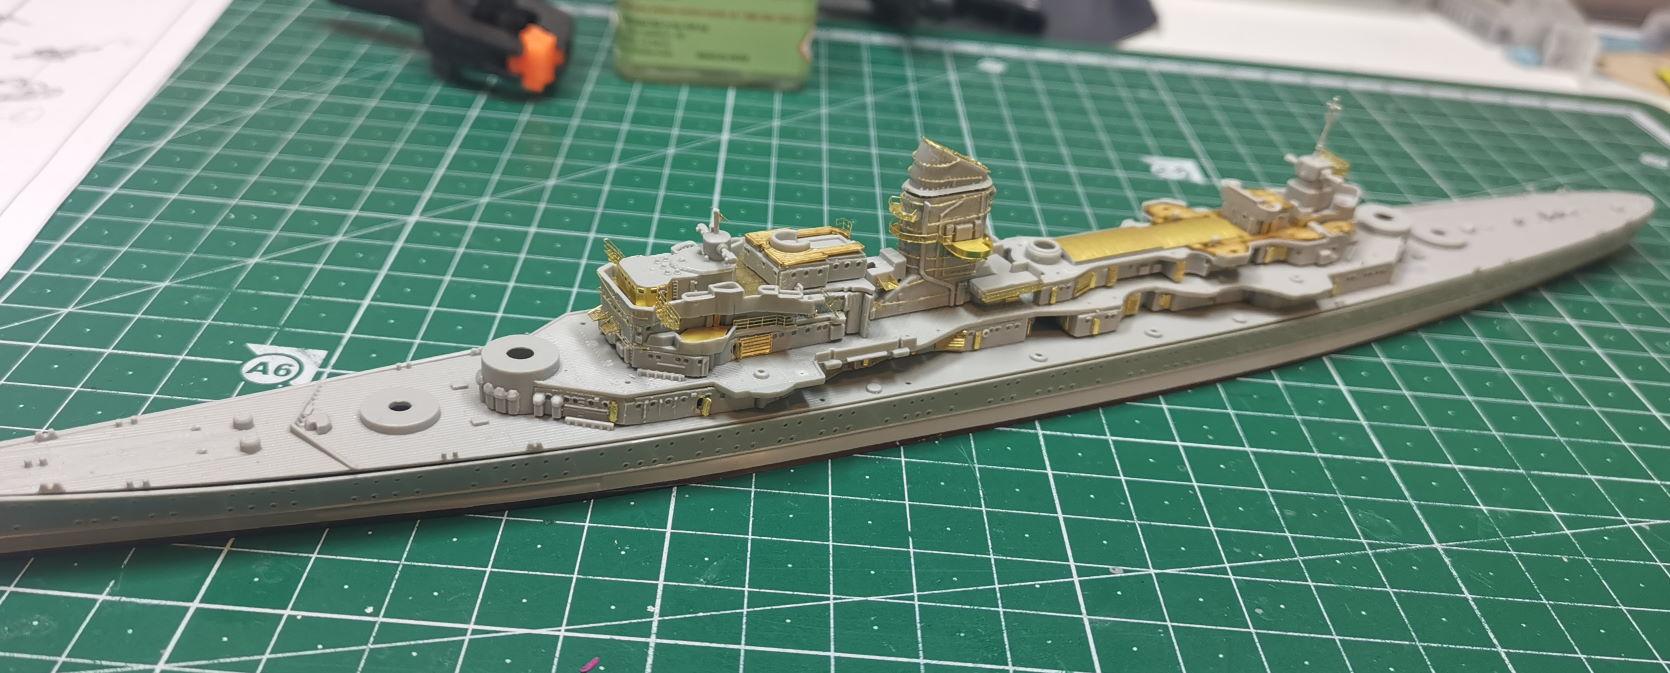 [TERMINE] Croiseur Prinz Eugen Trumpeter 1/700e, PE Flyhawk, pont en bois - Page 3 Prinz210